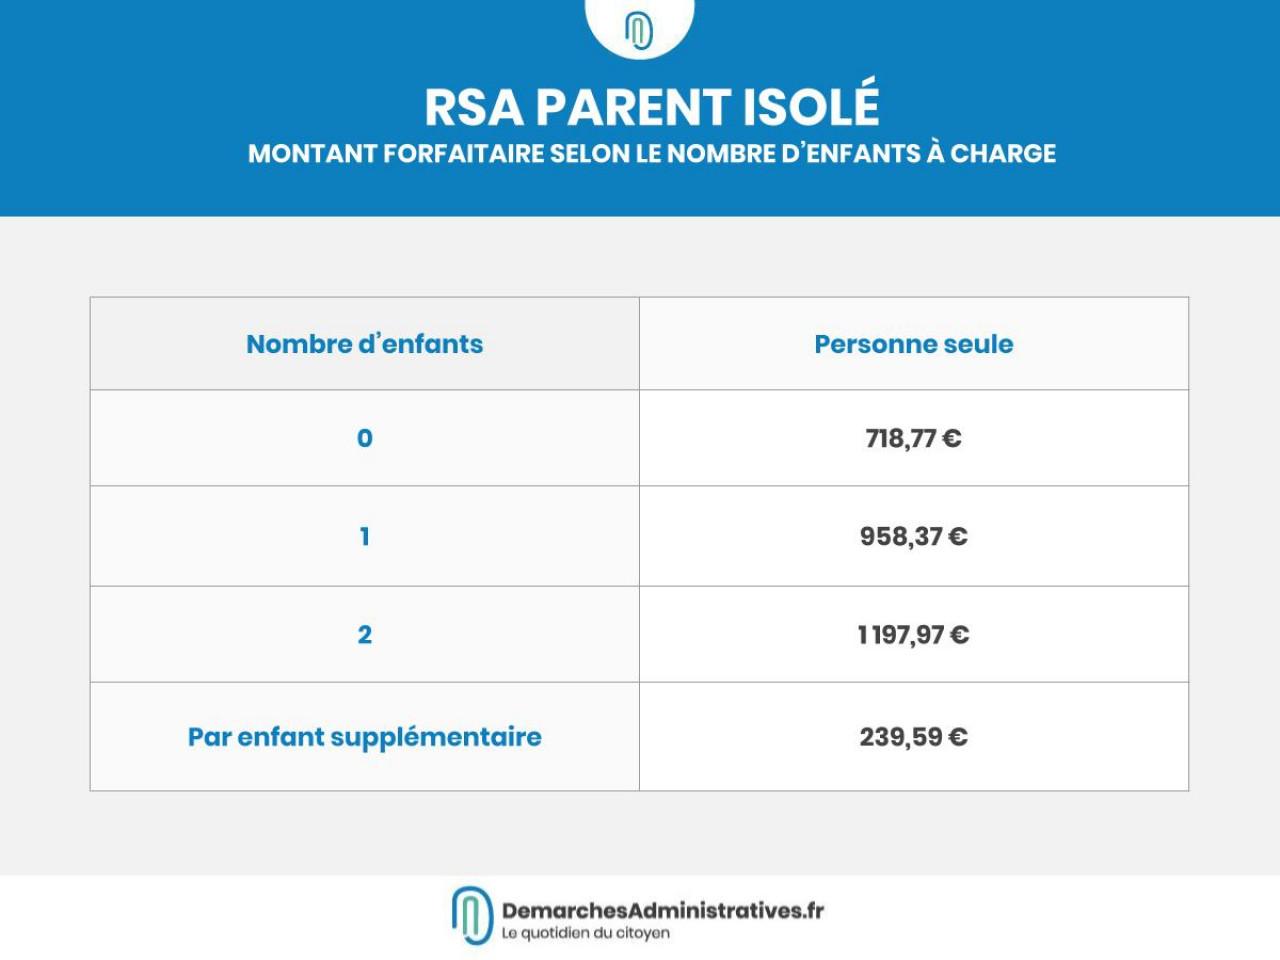 RSA parent isolé: conditions, montant et demande